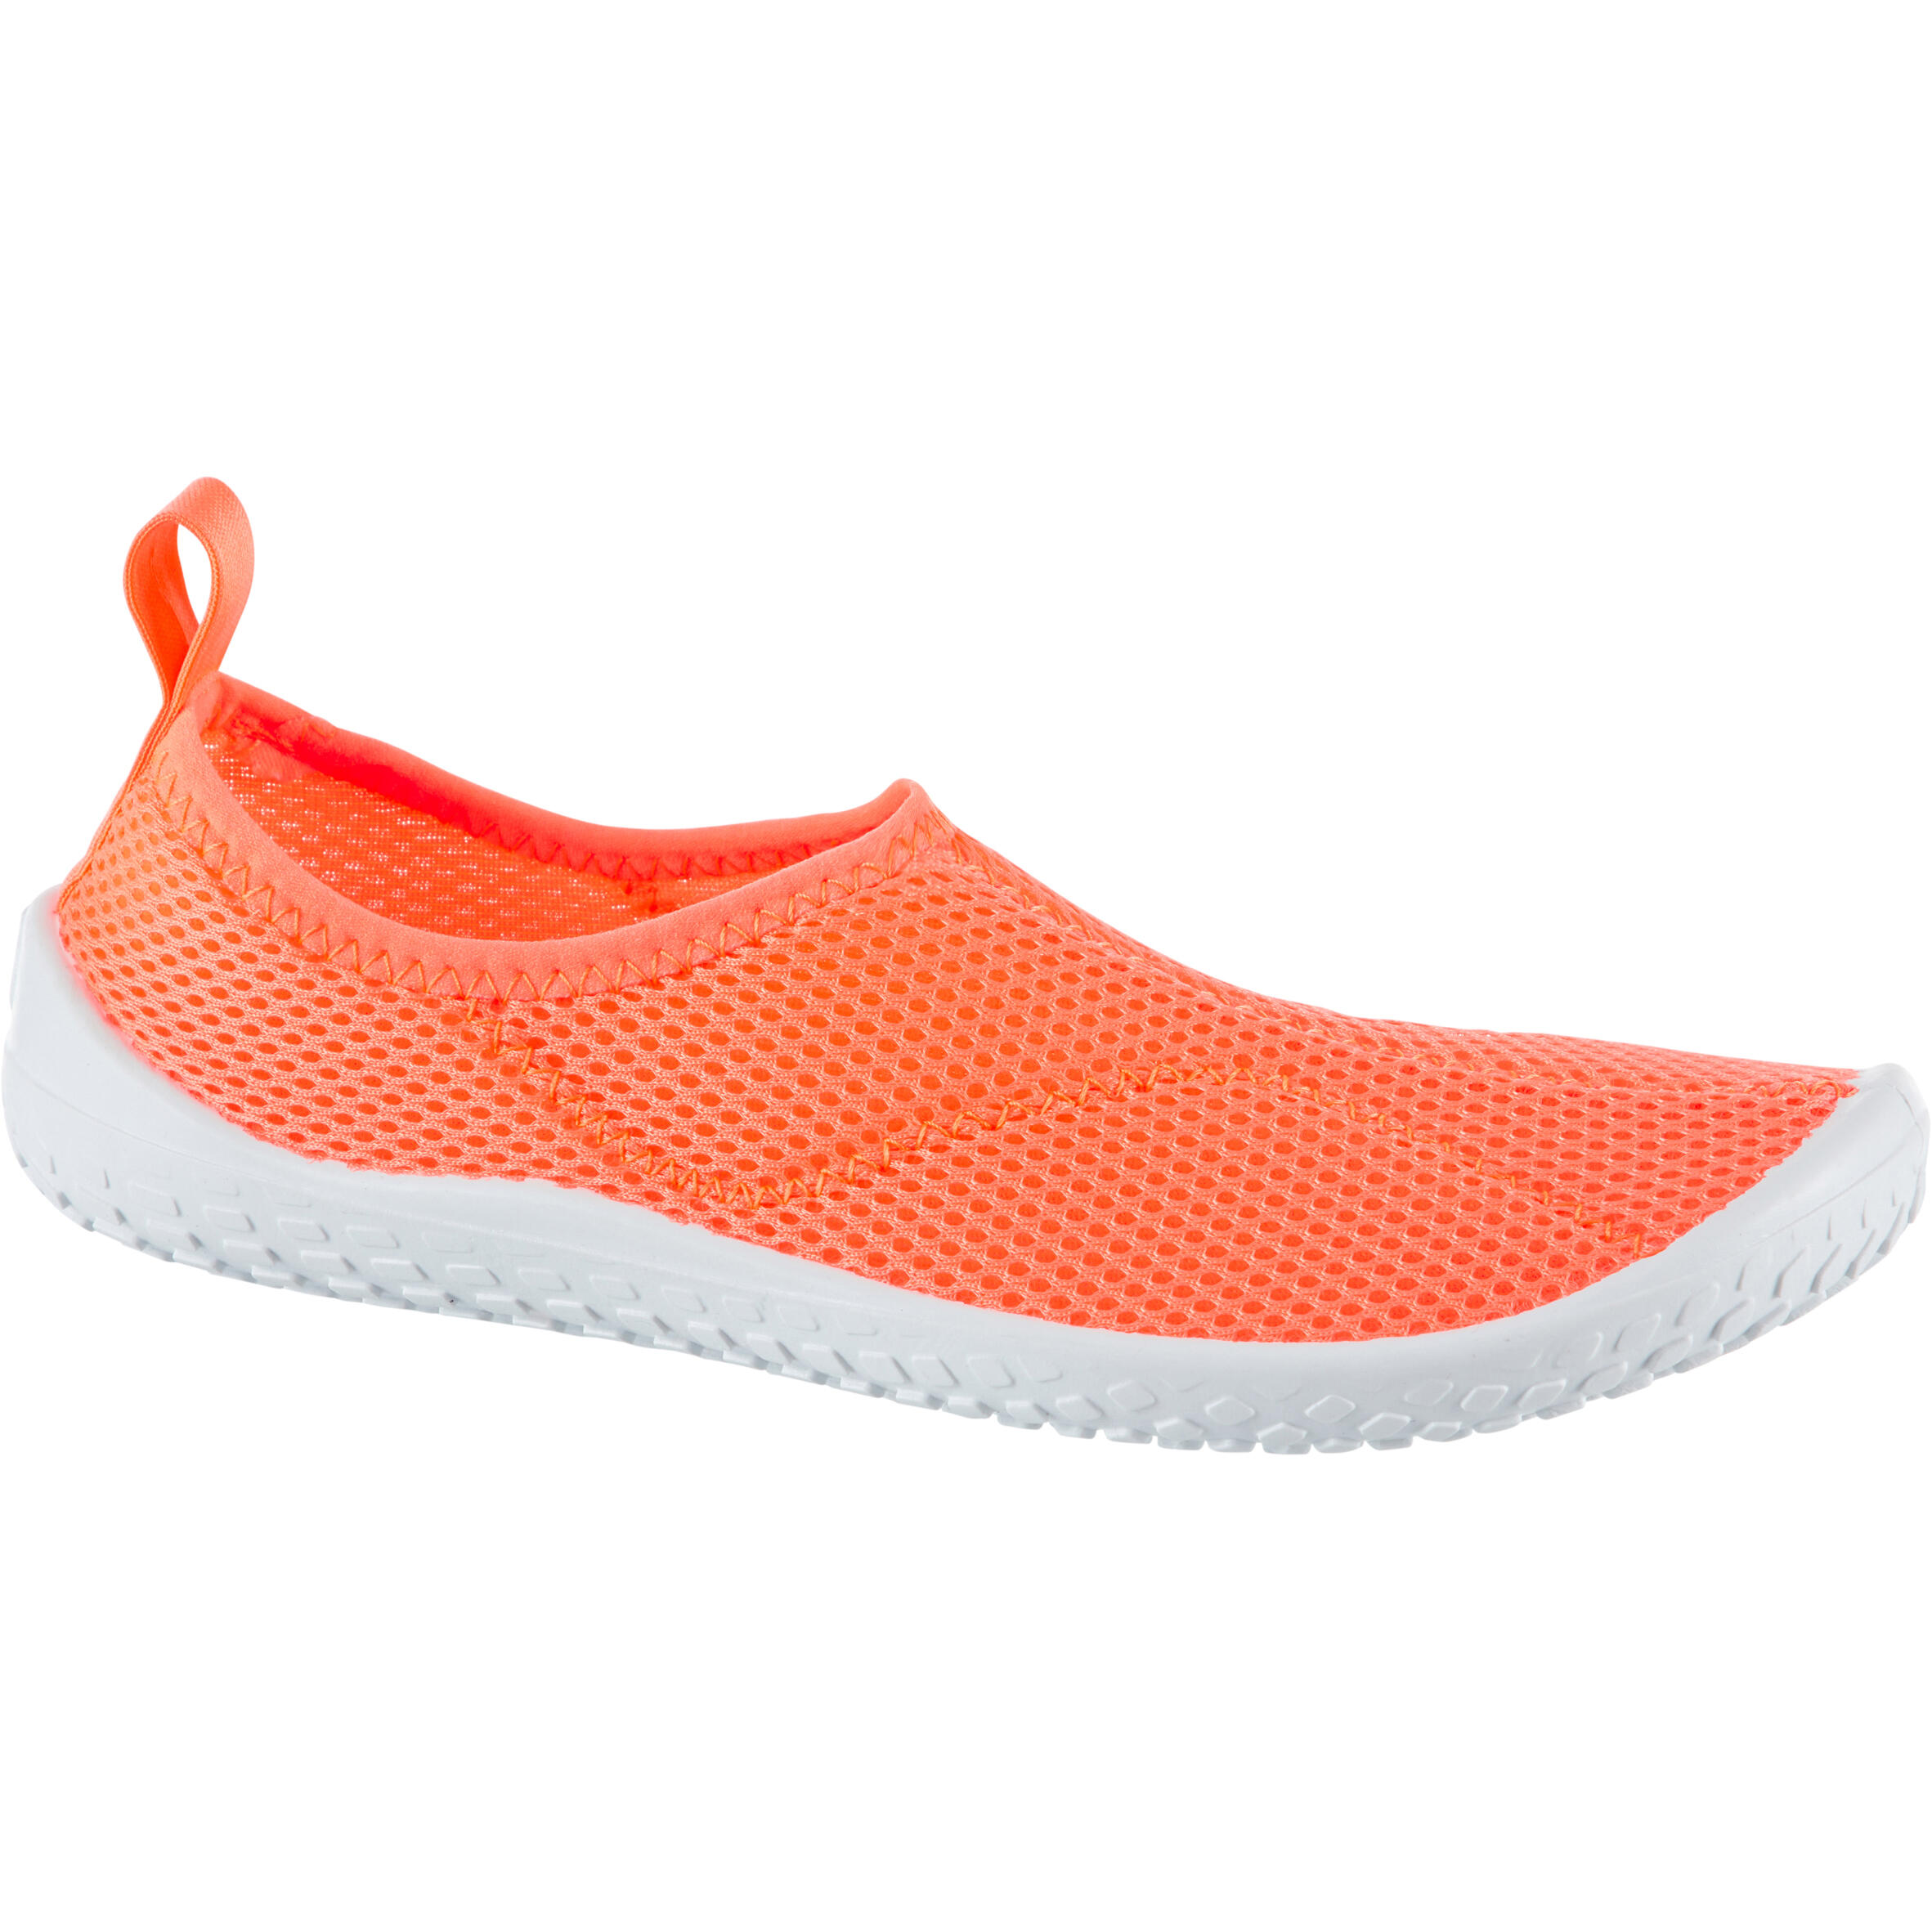 Chaussures aquatiques Aquashoes 100 enfant corail